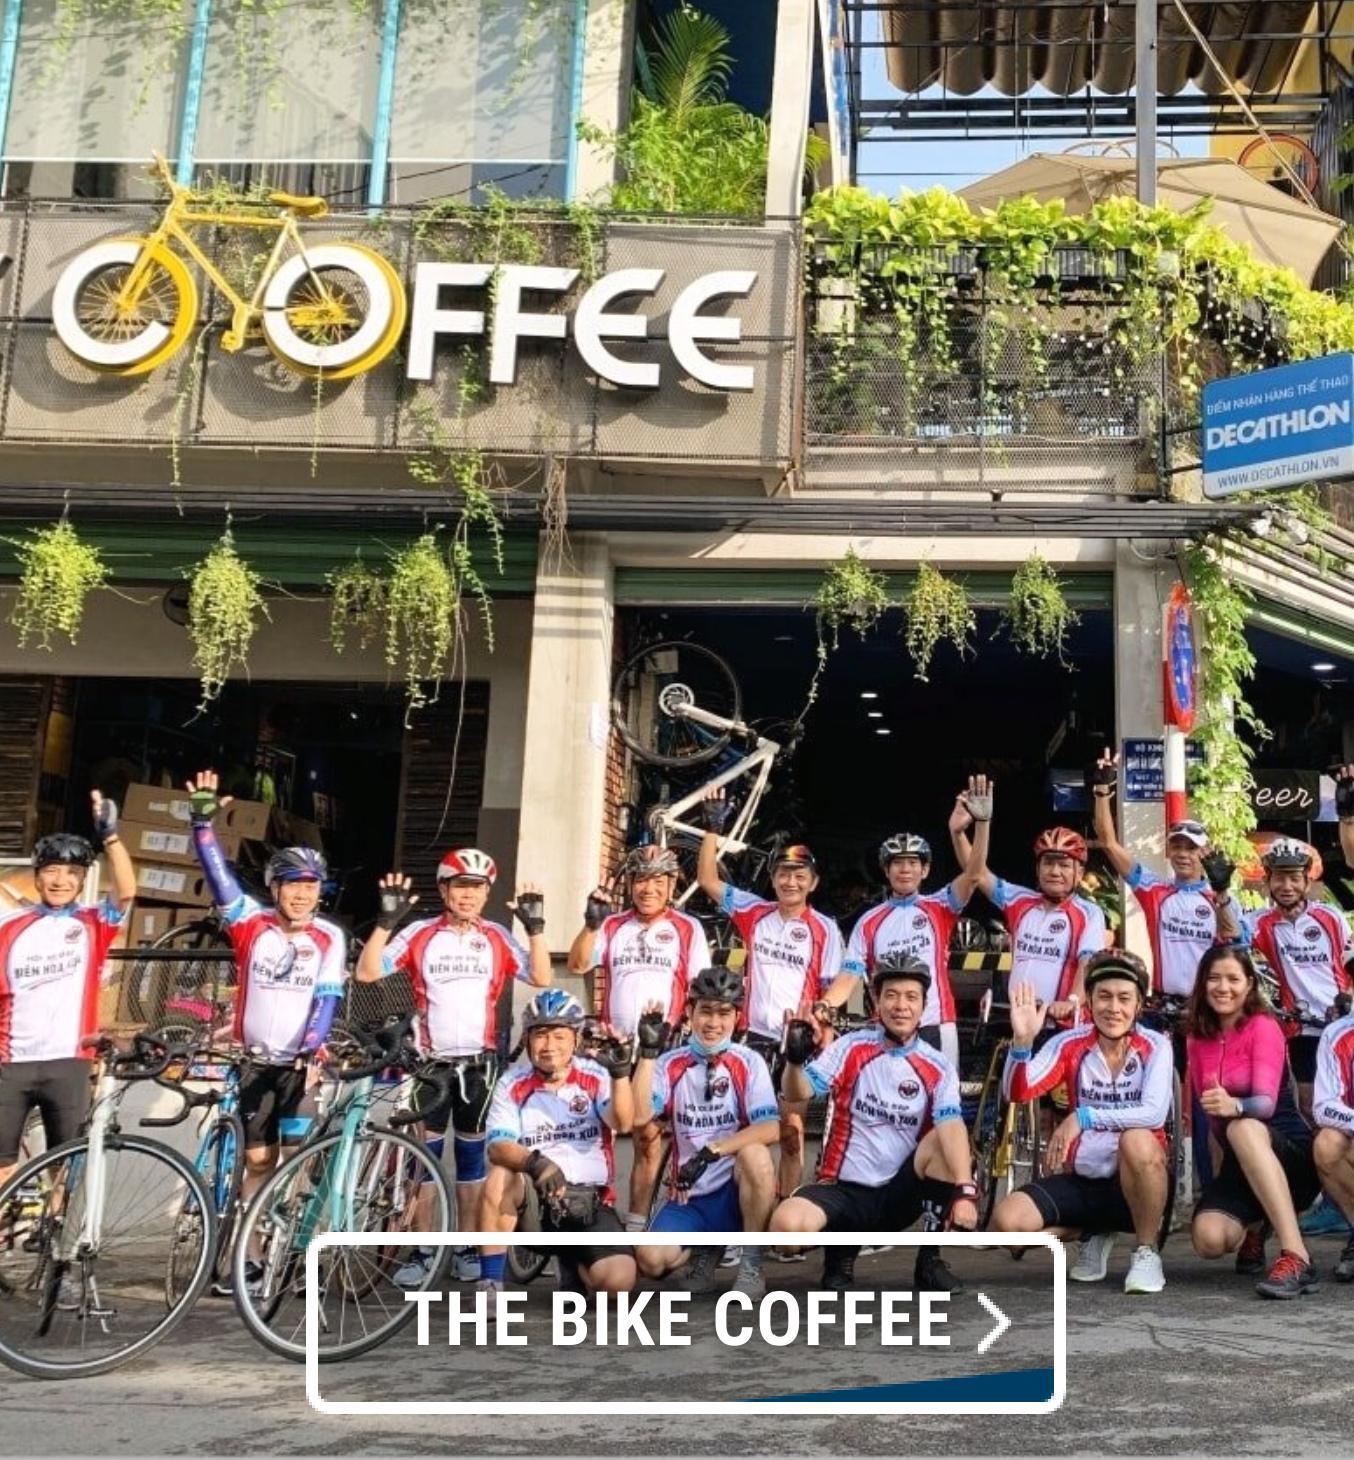 click & collect, đối tác giao hàng, the bike coffee, đạp xe, xe đạp, câu lạc bộ xe đa·